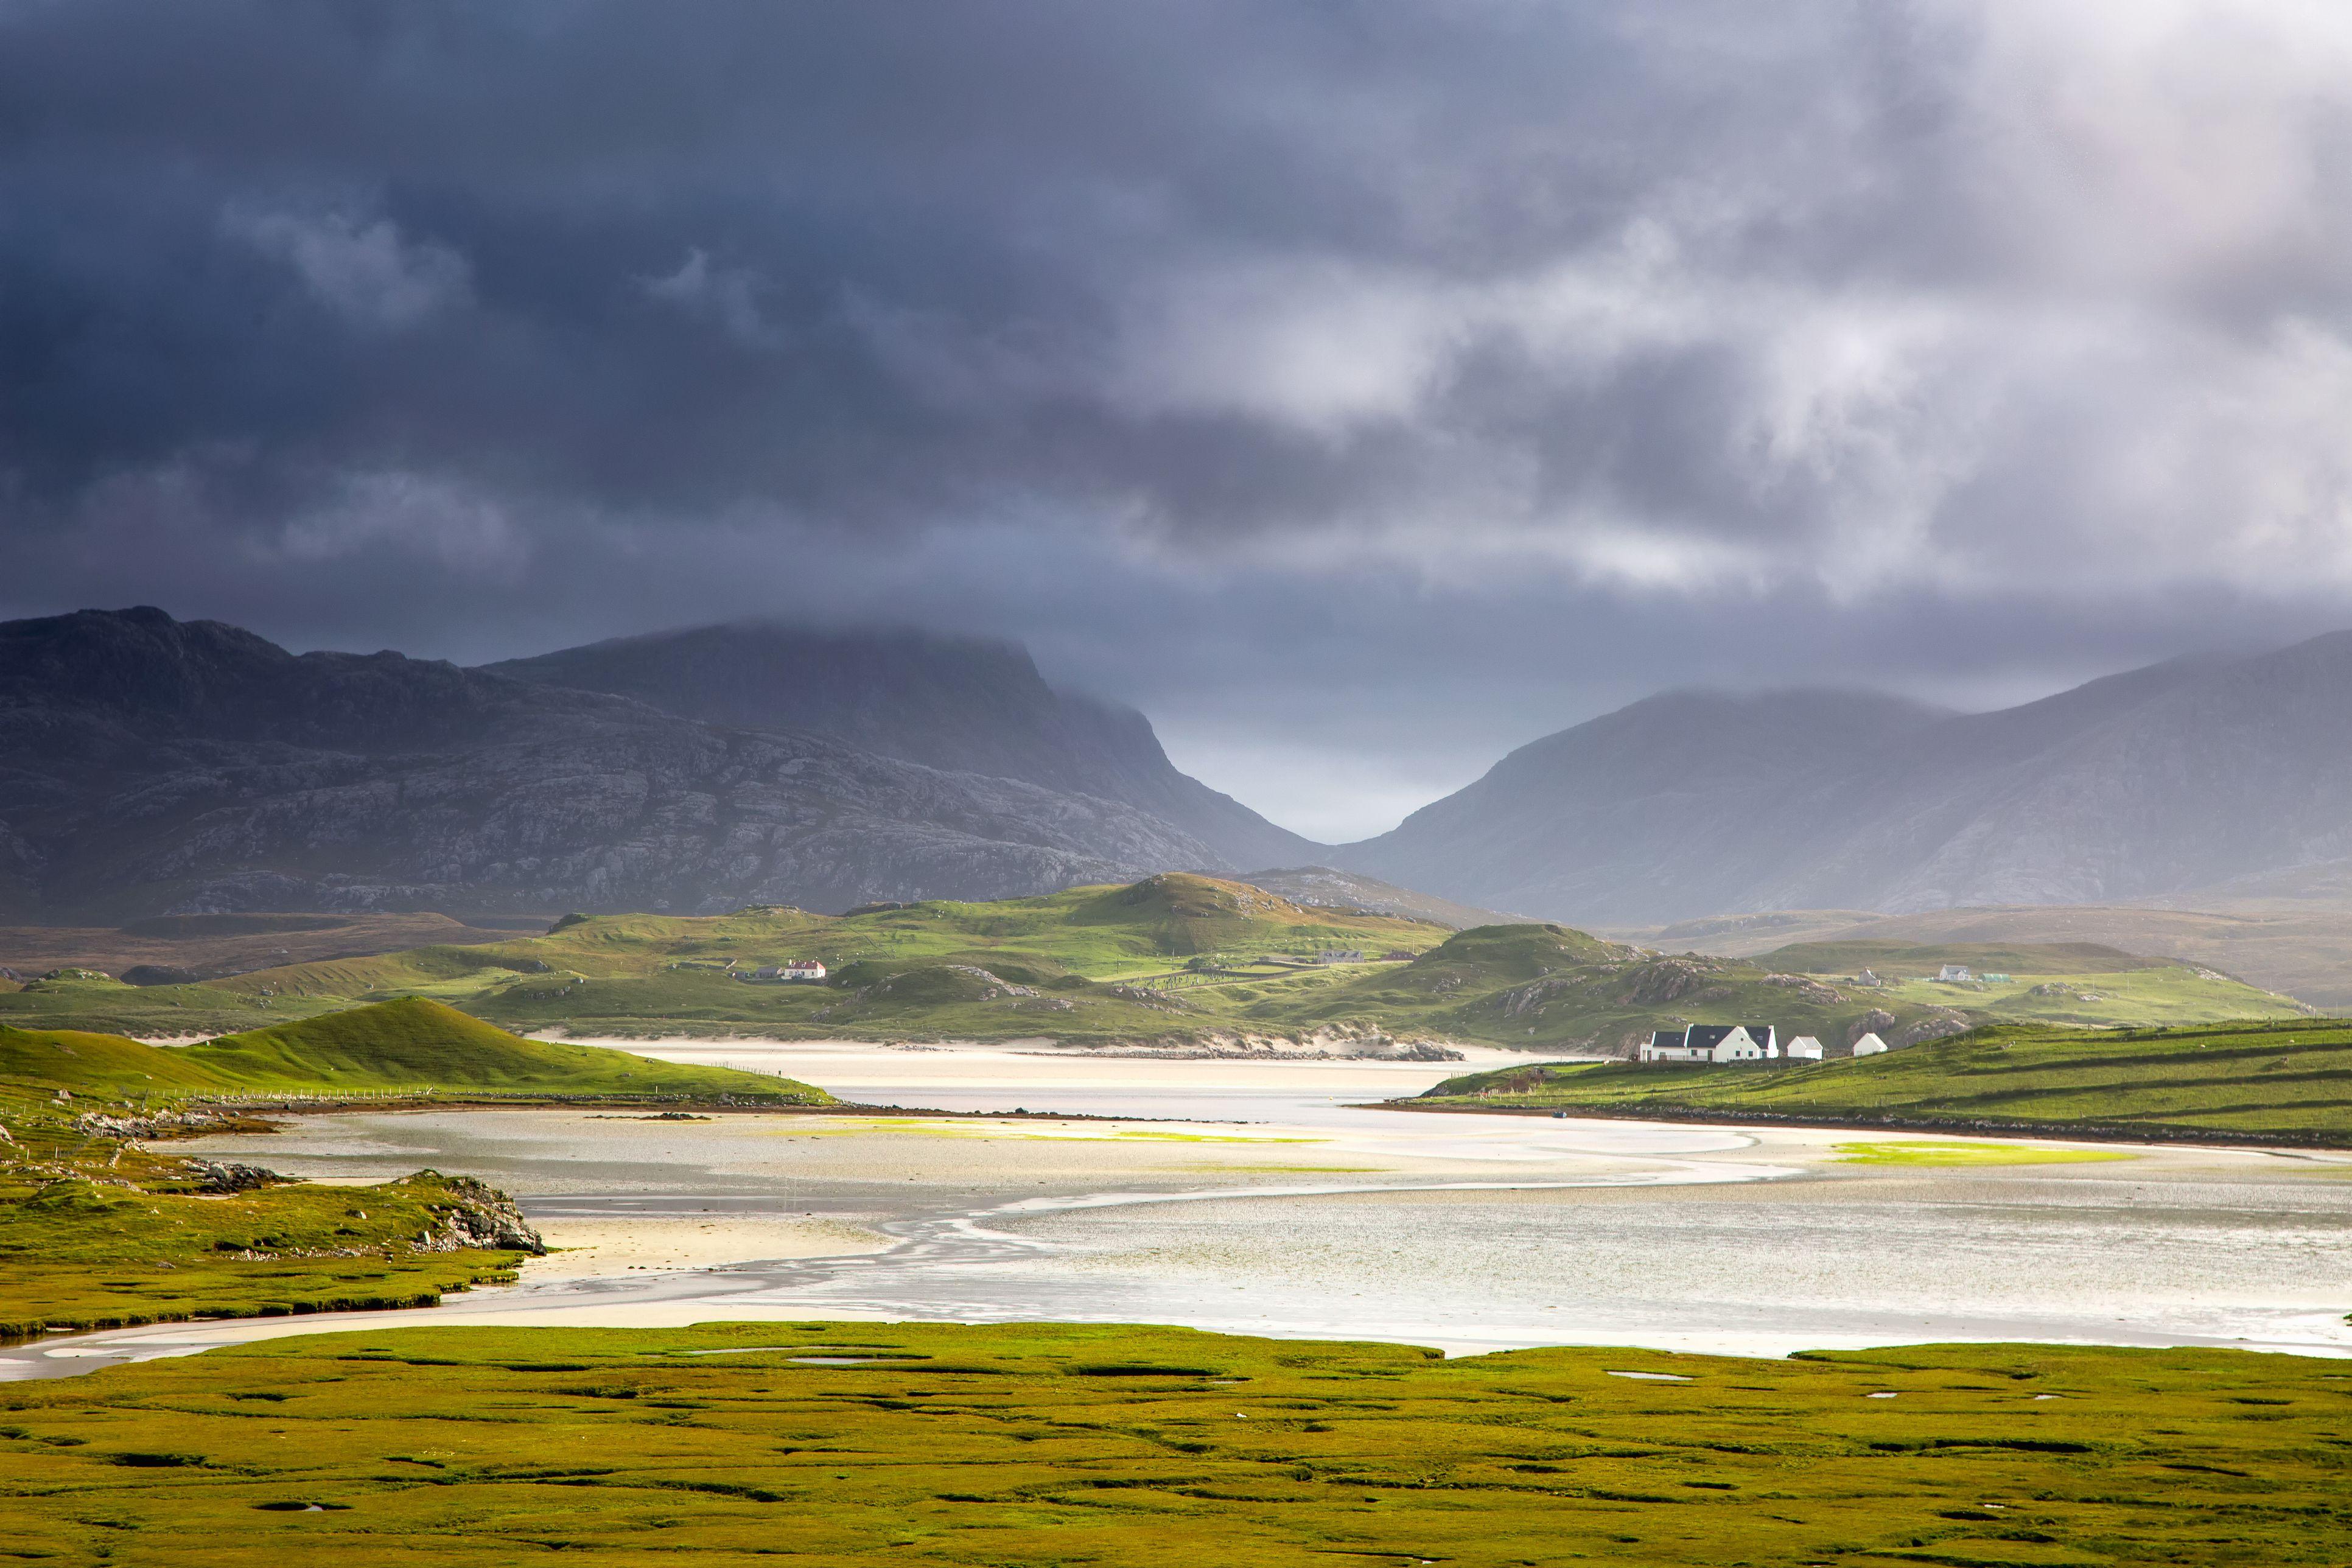 Ruhiger Blick auf Berge und Wasser, Uig, Isle of Lewis, Outer Hebrides